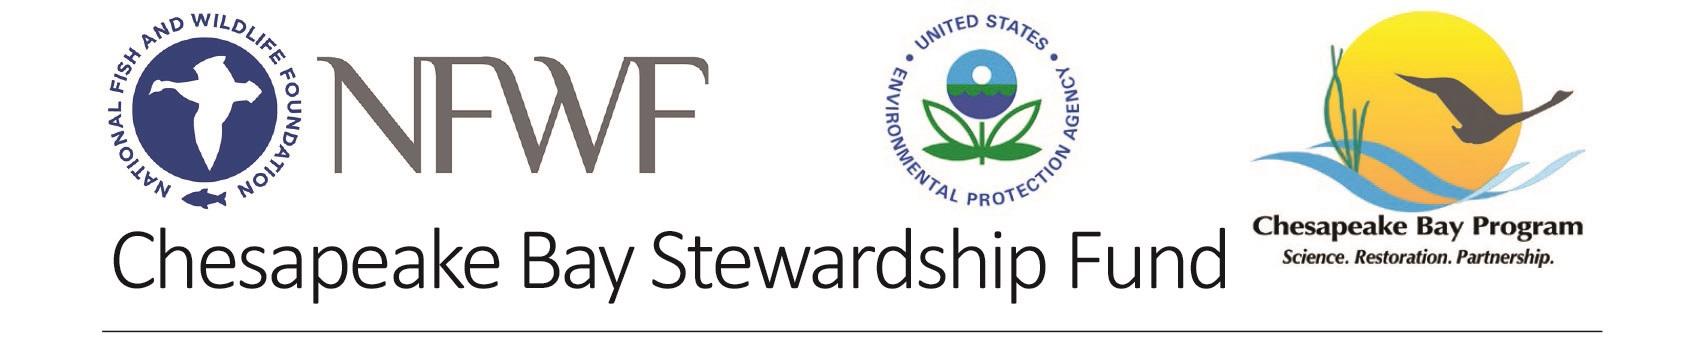 CBSF_Logo.jpg